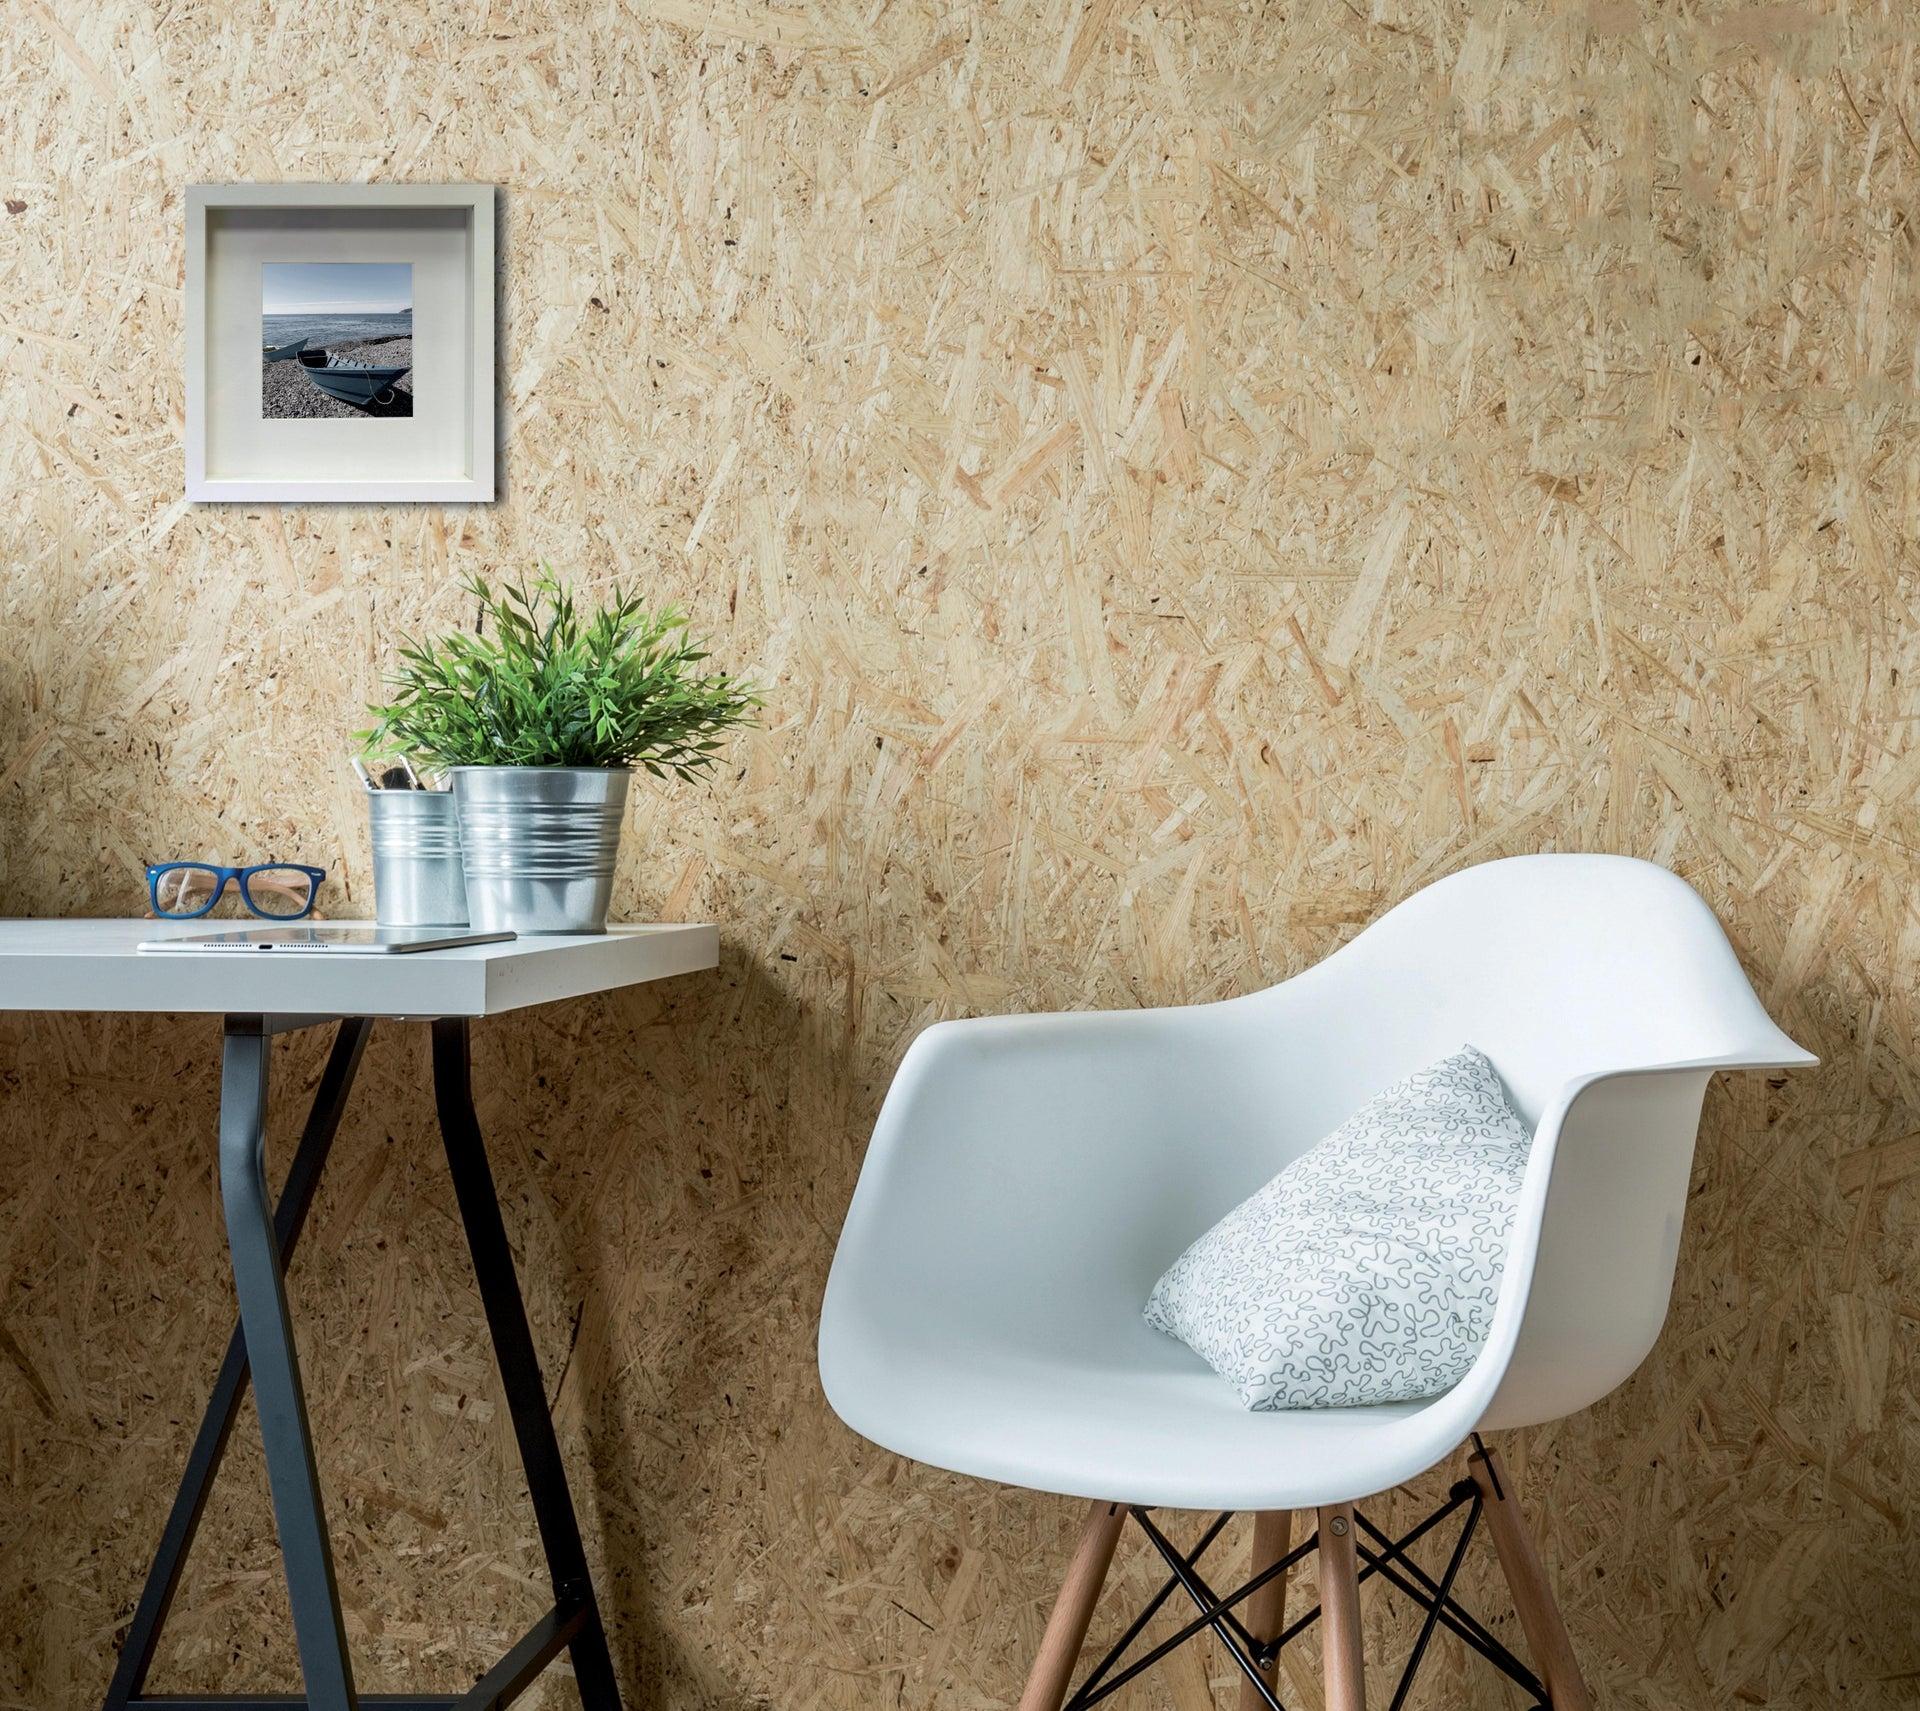 Cornice con passe-partout Inspire milo bianco 30x40 cm - 3